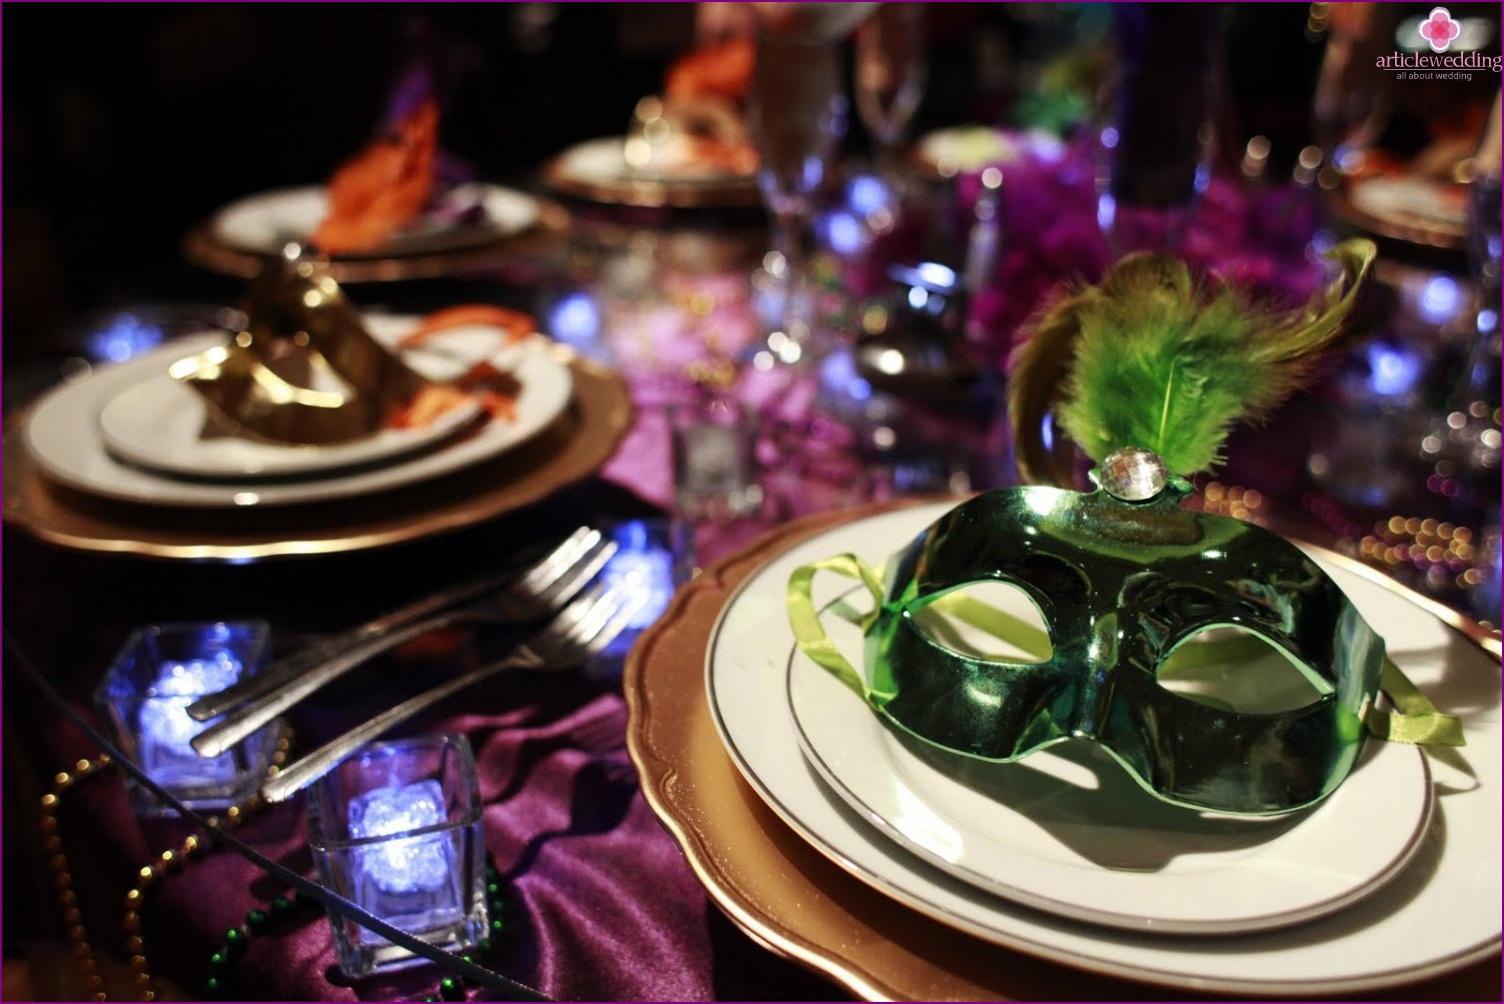 Masquerade style table decor